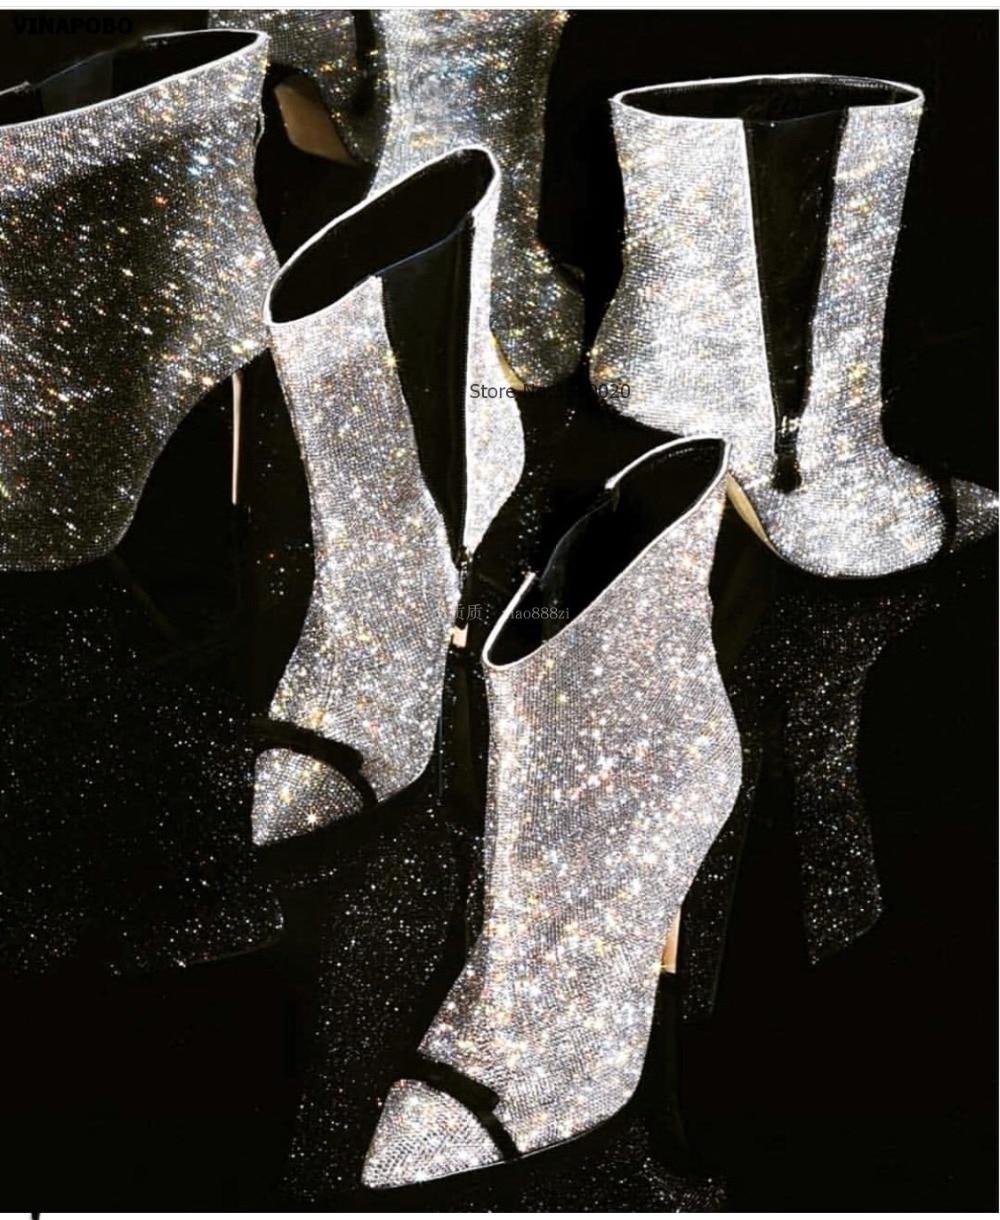 Haute Noeud Pointu 6cm 10cm Spectacle Papillon 6cm Dames Vinapobo Brillant 10cm Latérale Modèle 6cm 10cm Talons Bottes Sexy Chaussures Bout Cheville Glissière 2019 Bling Femmes 84xHqvXBw